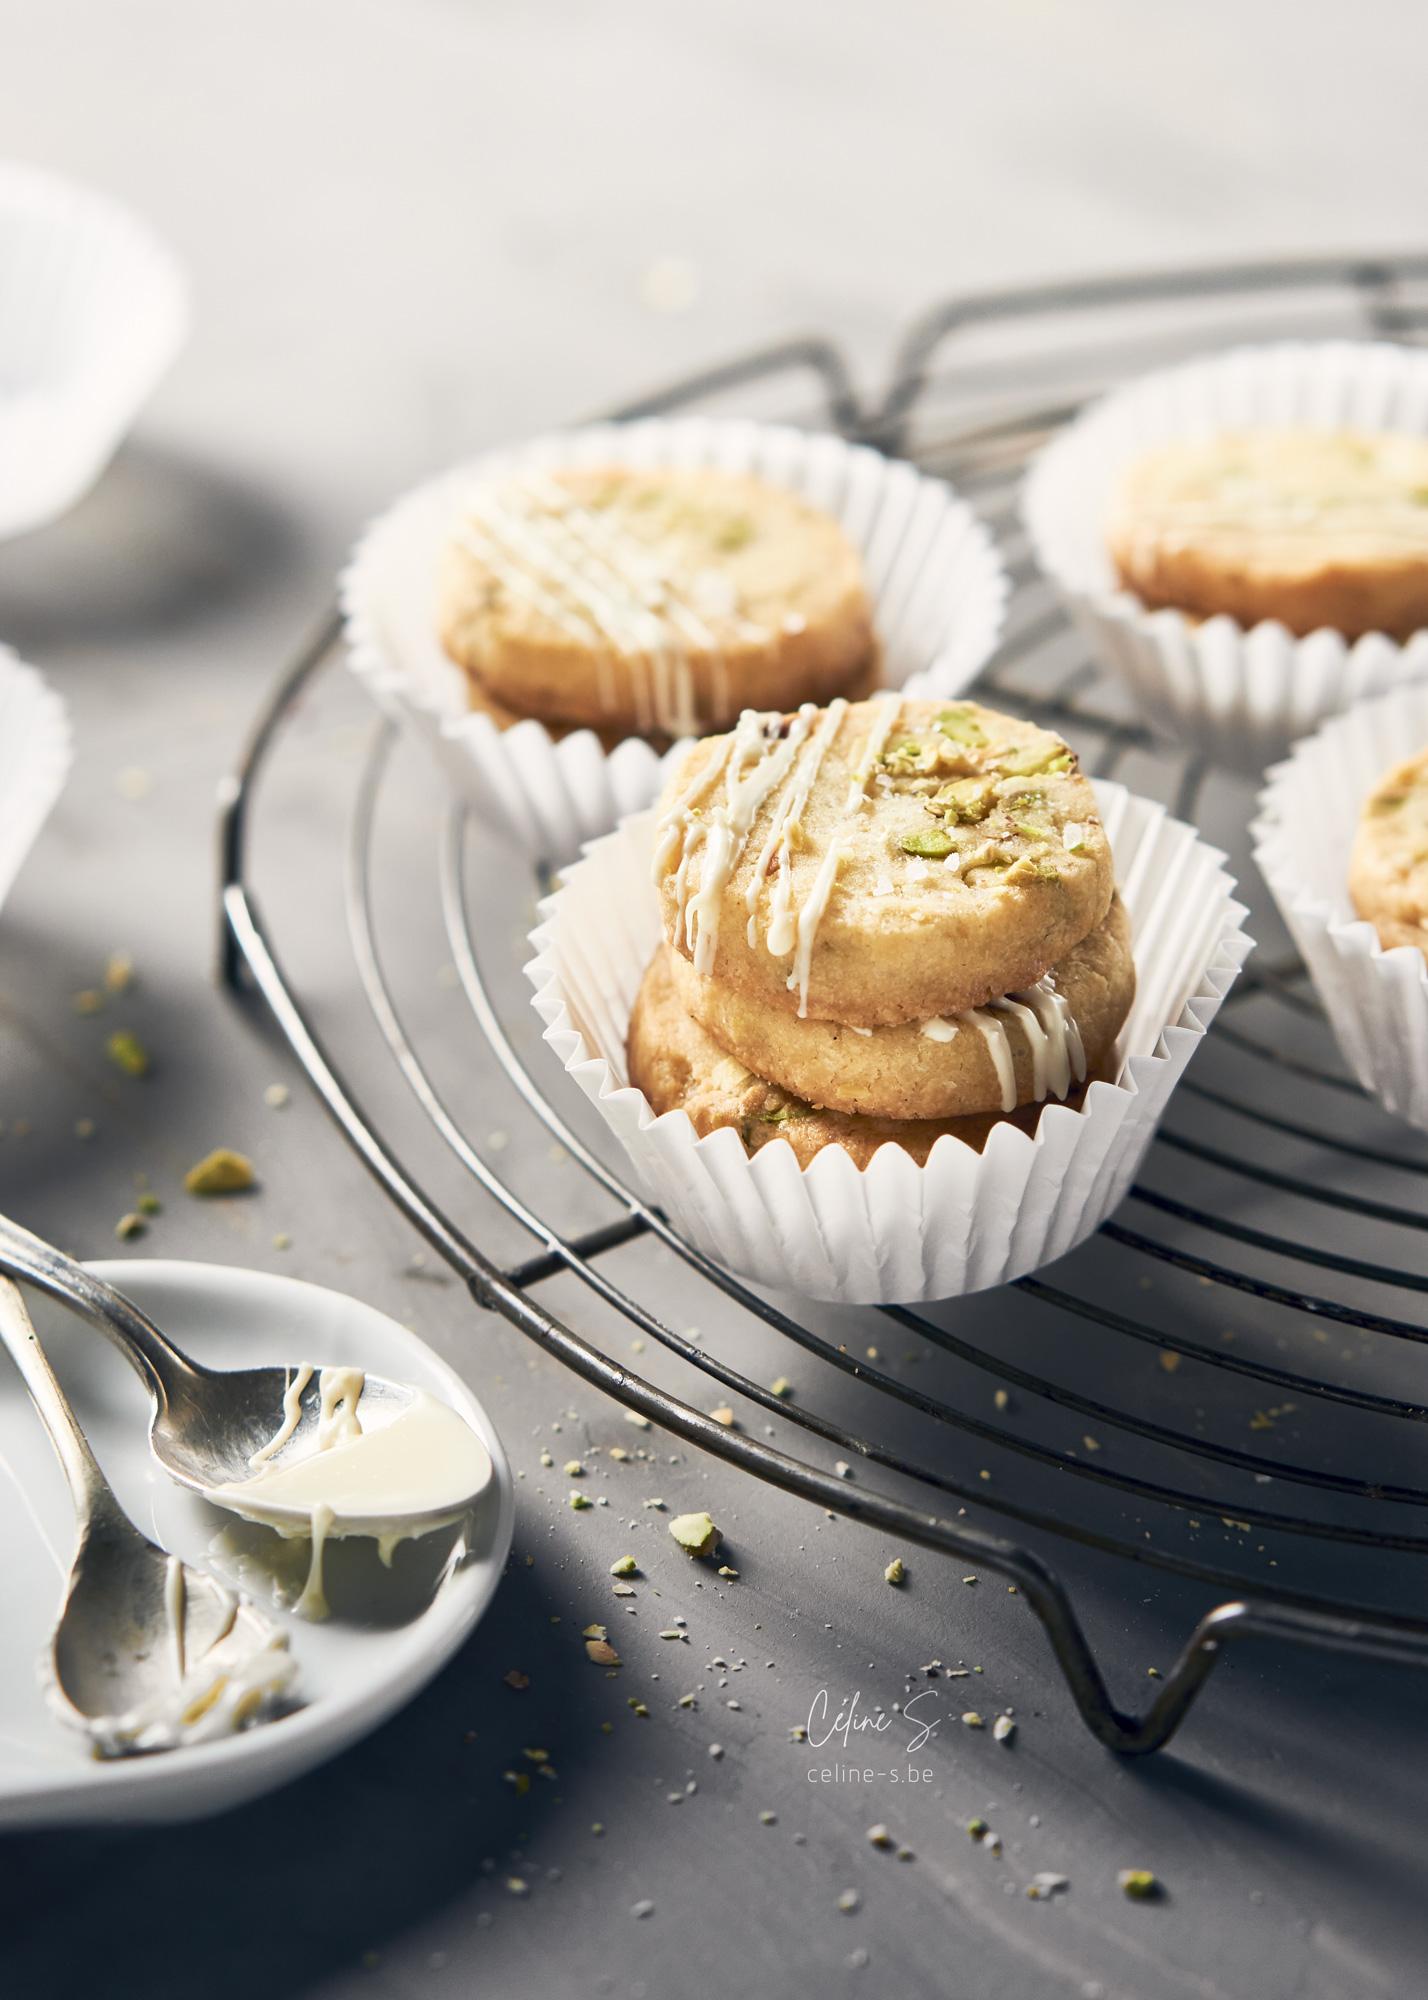 Céline Stiévenard - food photo - photographe et styliste culinaire - photo biscuits sablés pistache et chocolat blanc - Liège, Belgique